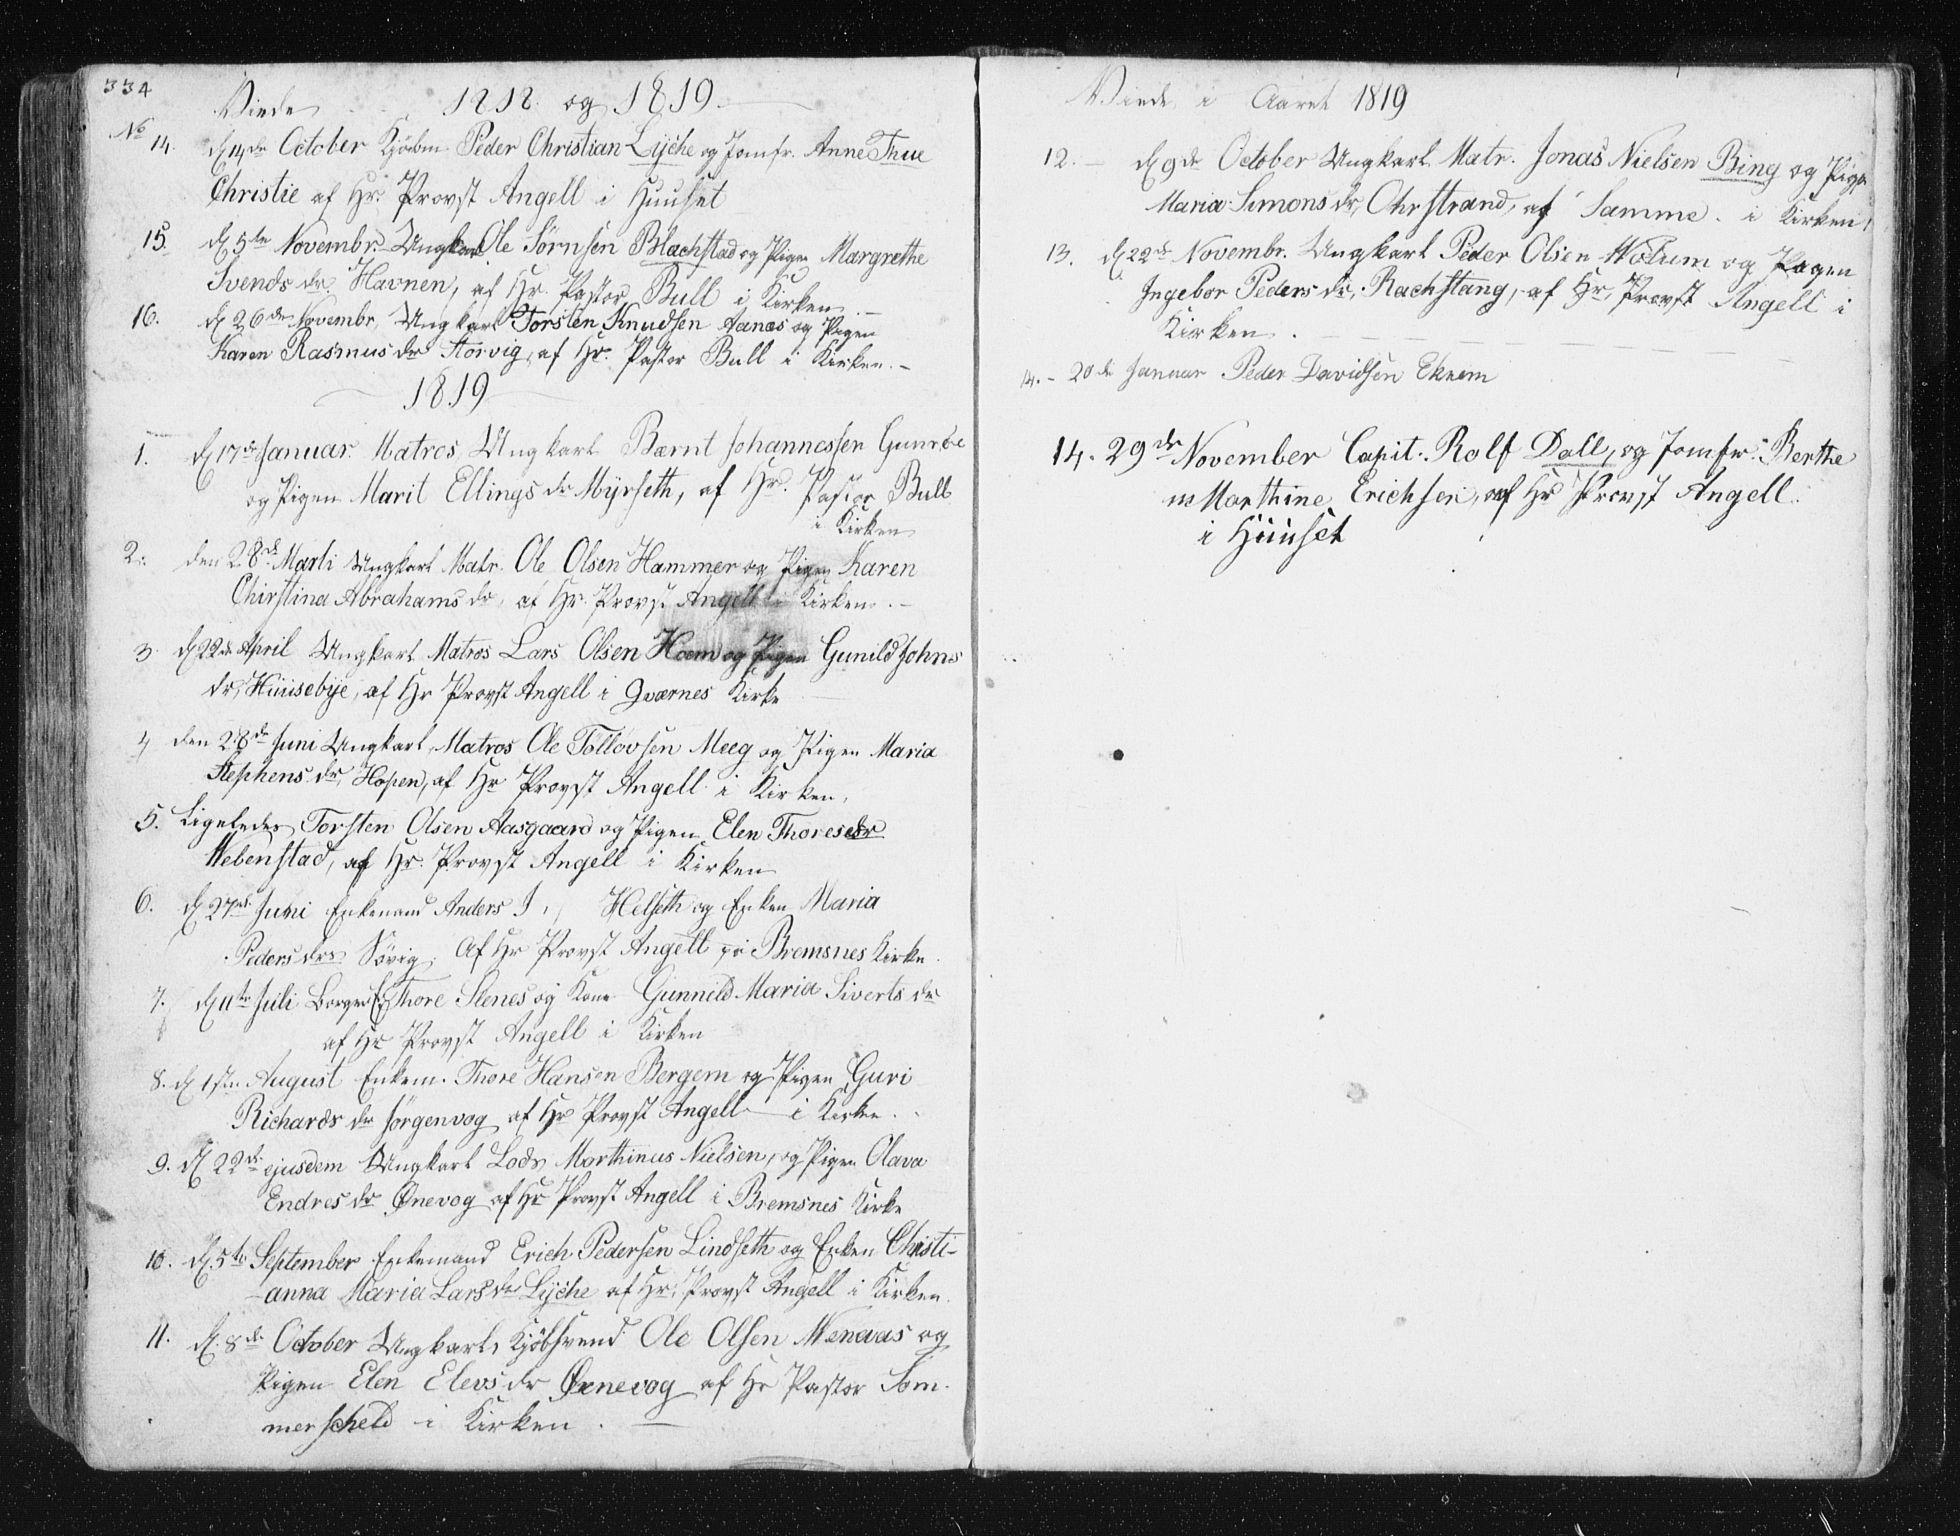 SAT, Ministerialprotokoller, klokkerbøker og fødselsregistre - Møre og Romsdal, 572/L0841: Ministerialbok nr. 572A04, 1784-1819, s. 334